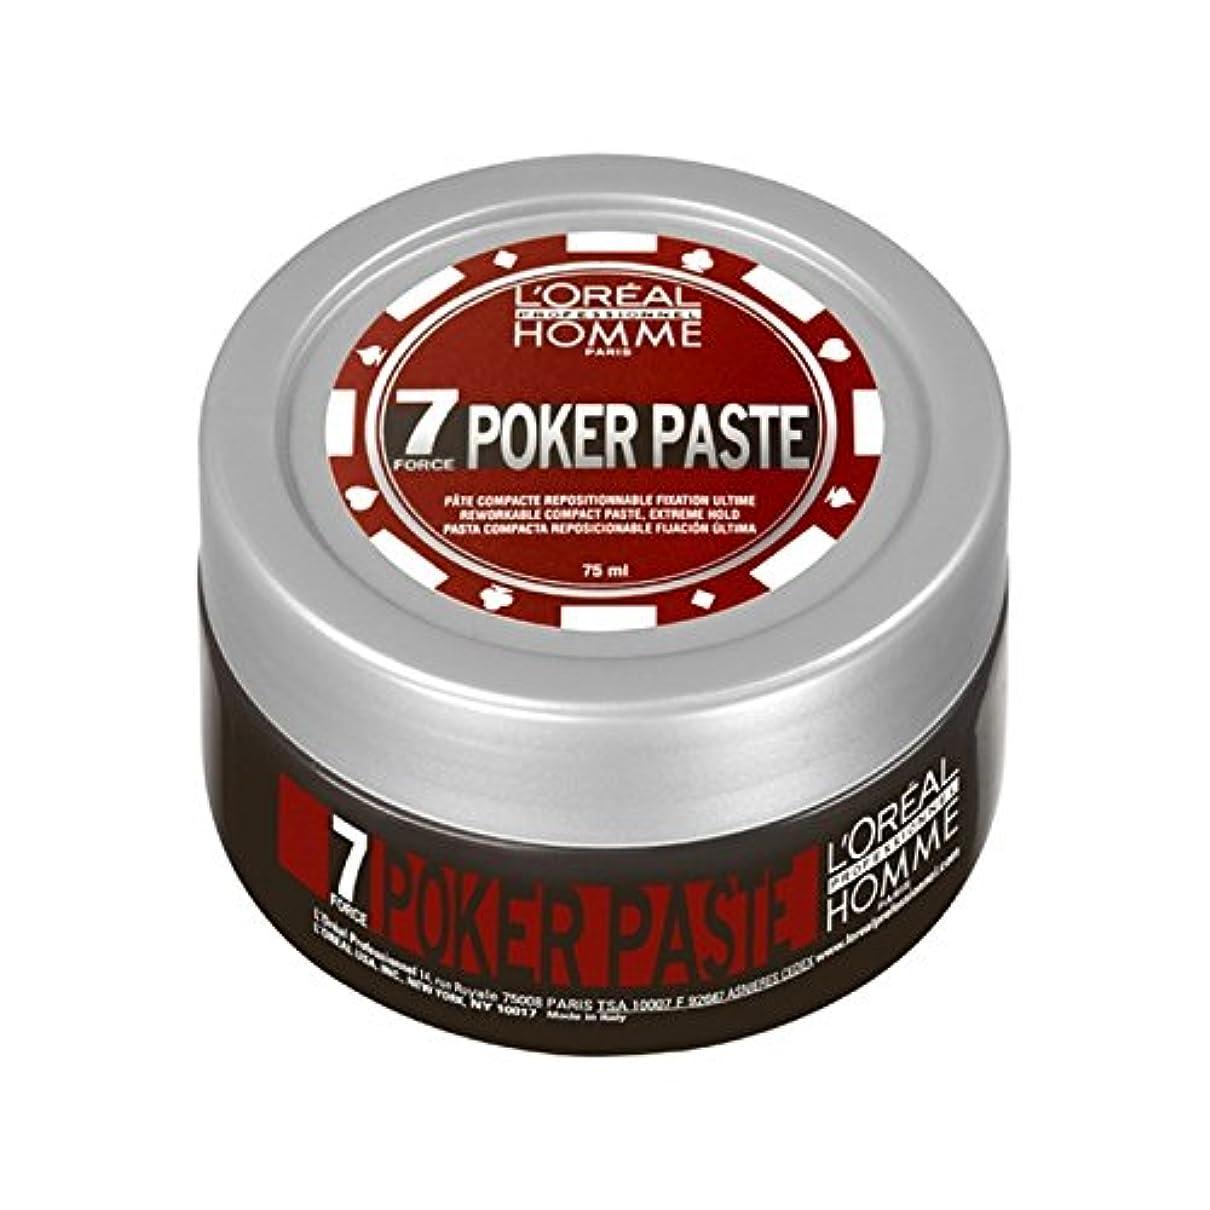 のみ飛行場スキャンダルL'Oreal Professional Homme Poker Paste (75ml) (Pack of 6) - ロレアルプロオムポーカーペースト(75ミリリットル) x6 [並行輸入品]